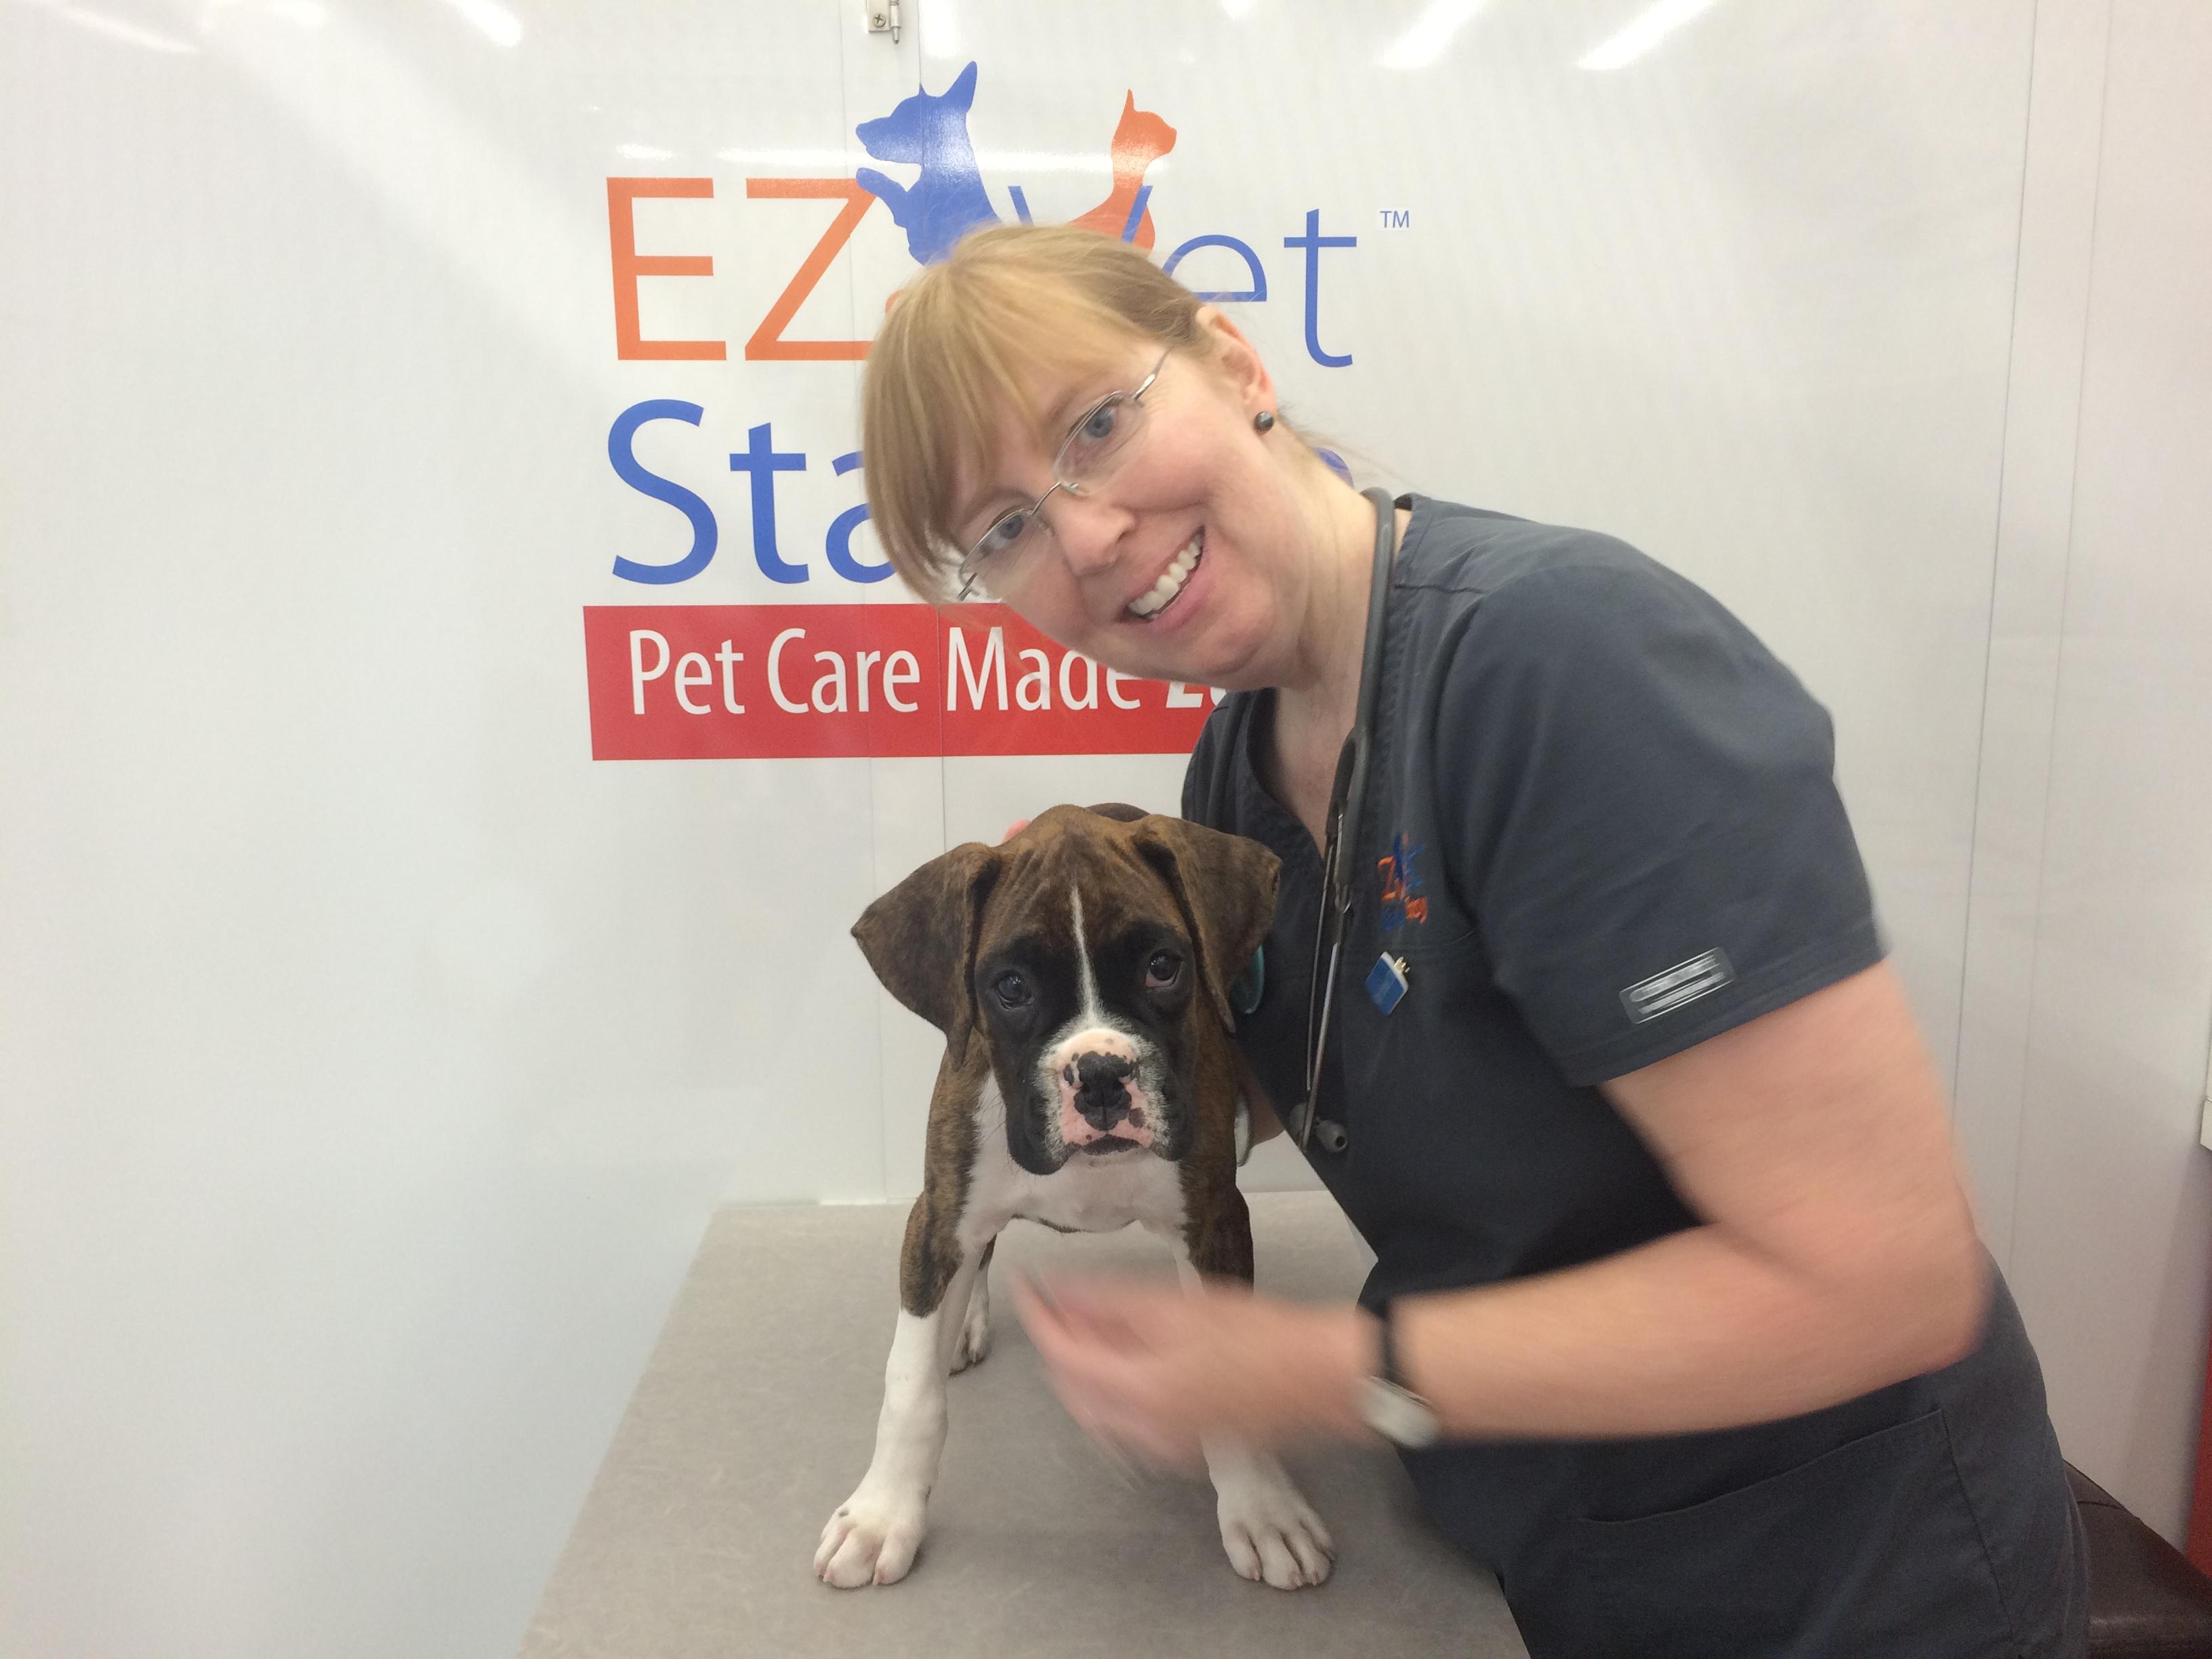 walk in pet clinic near me